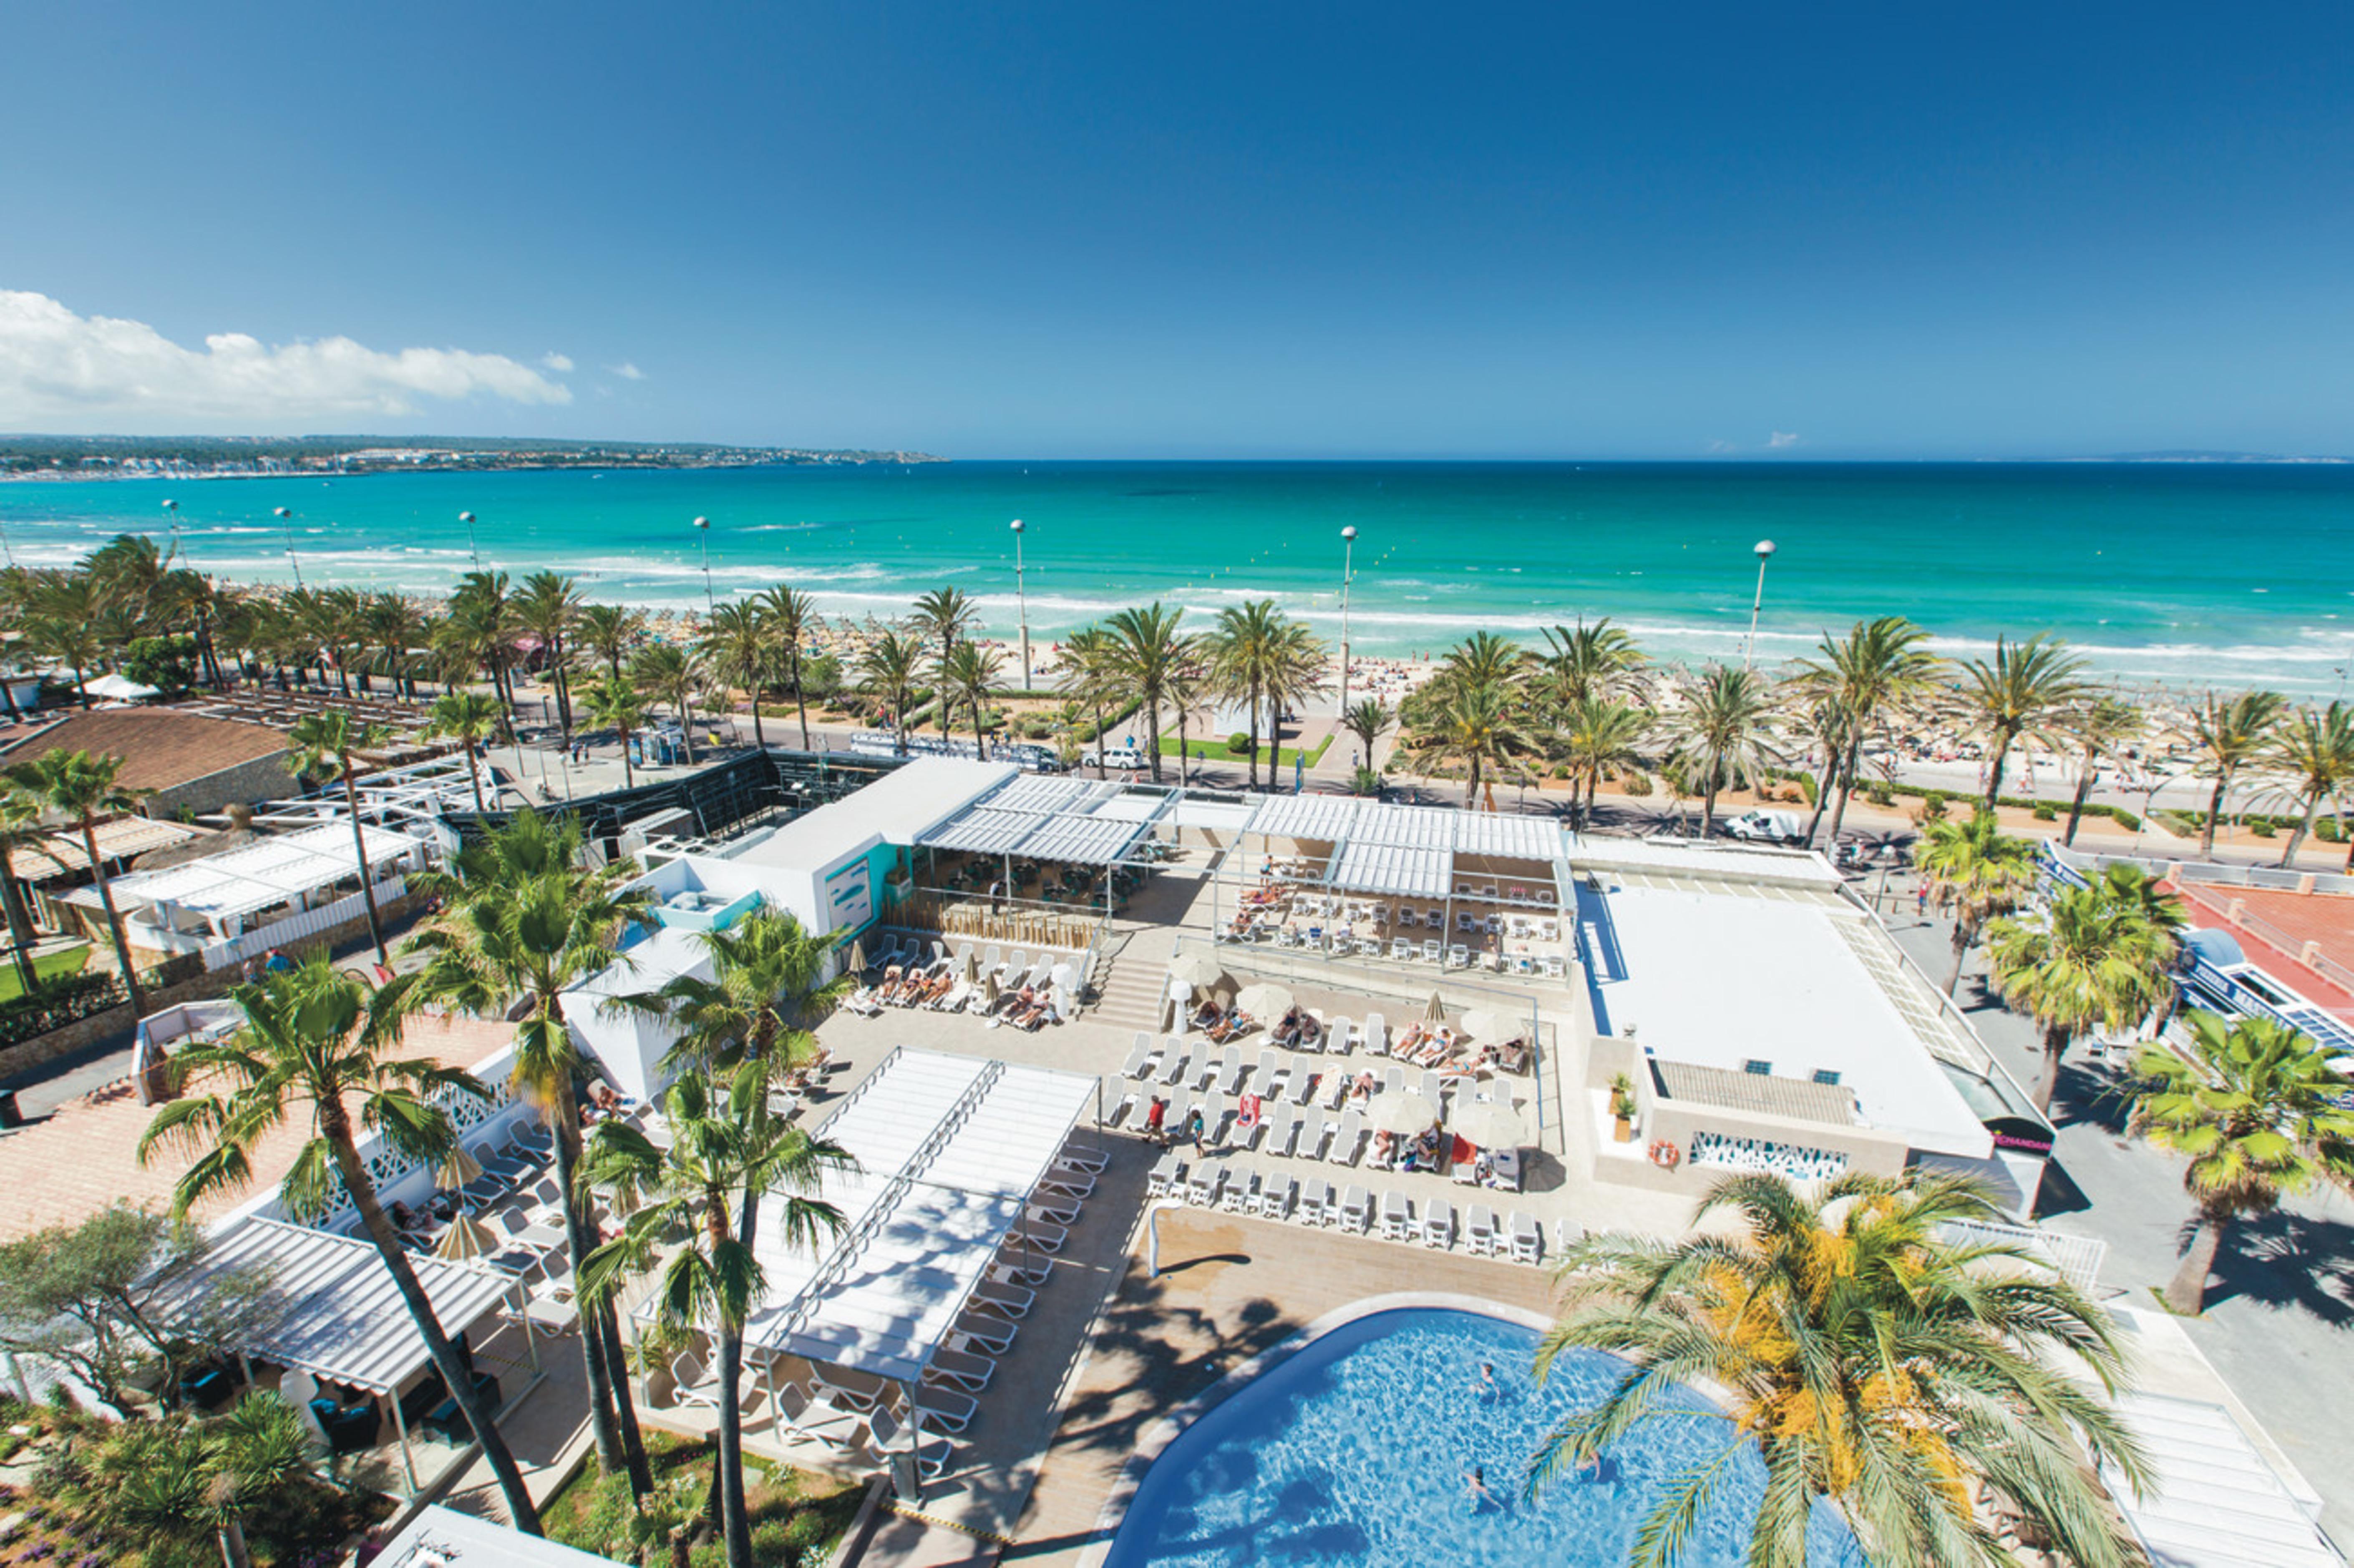 Mallorca Hotel Riu Playa Park